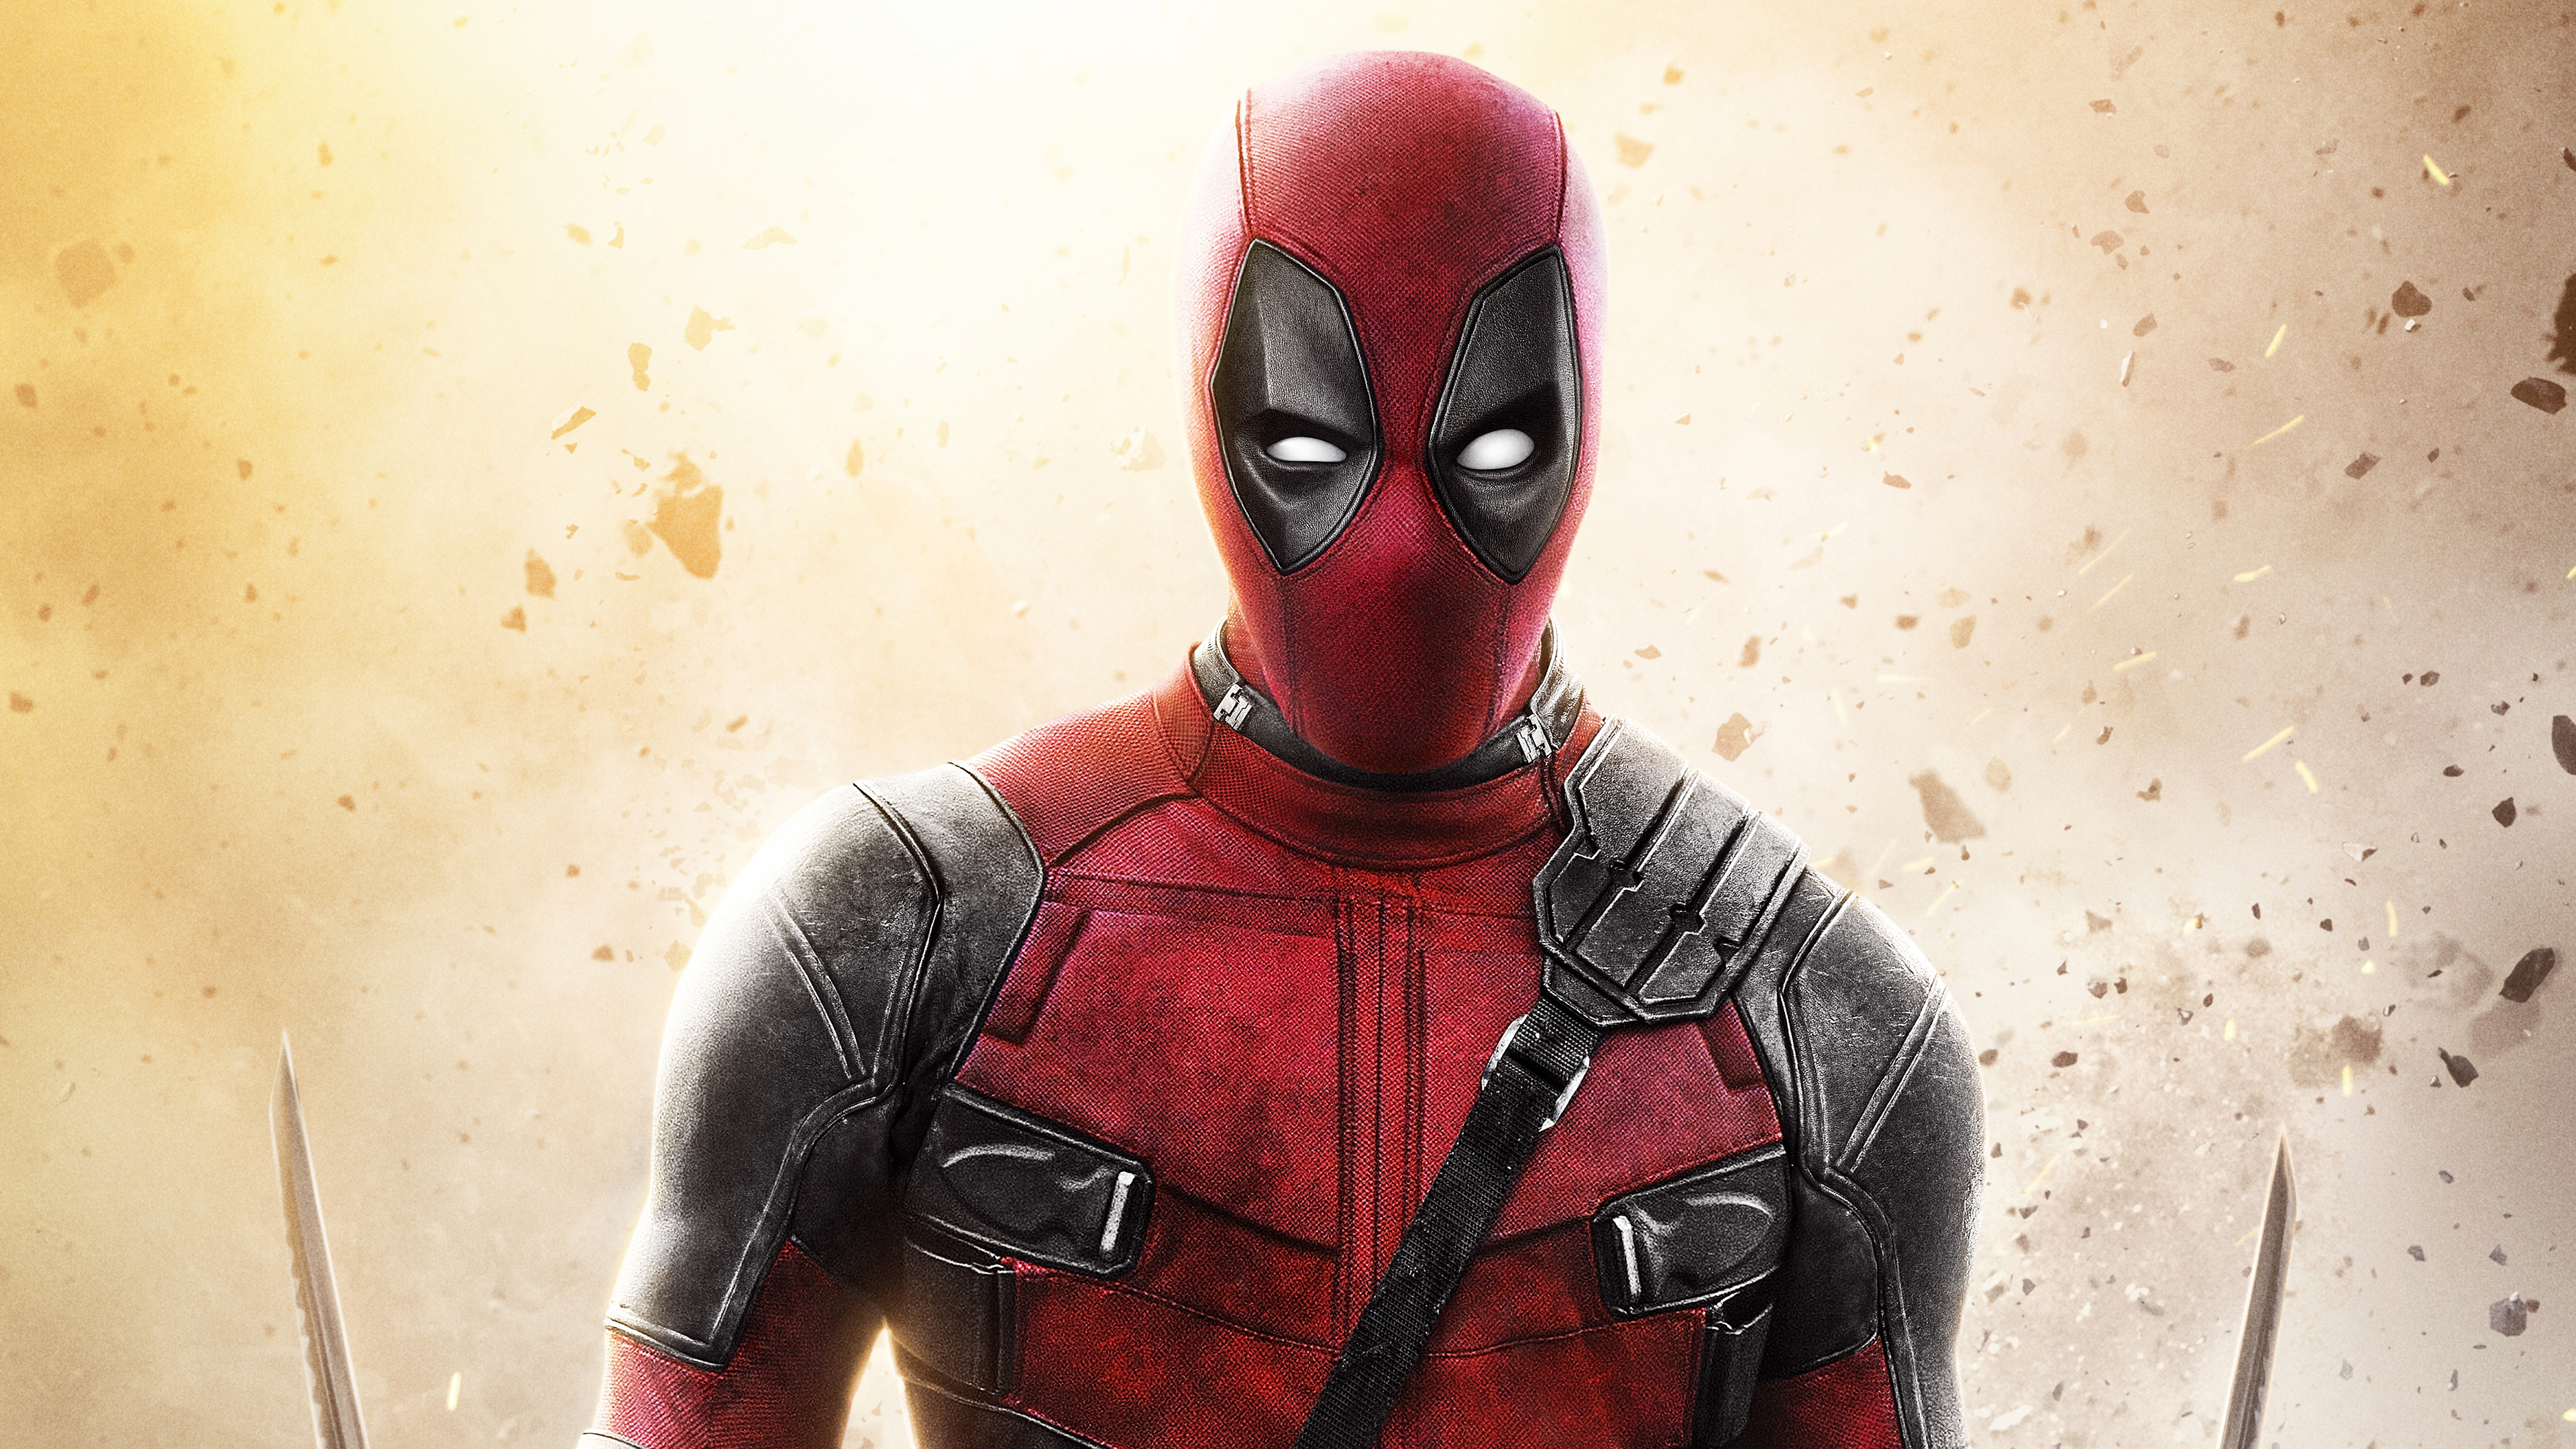 Deadpool 2 New Poster 4k 4k-wallpapers